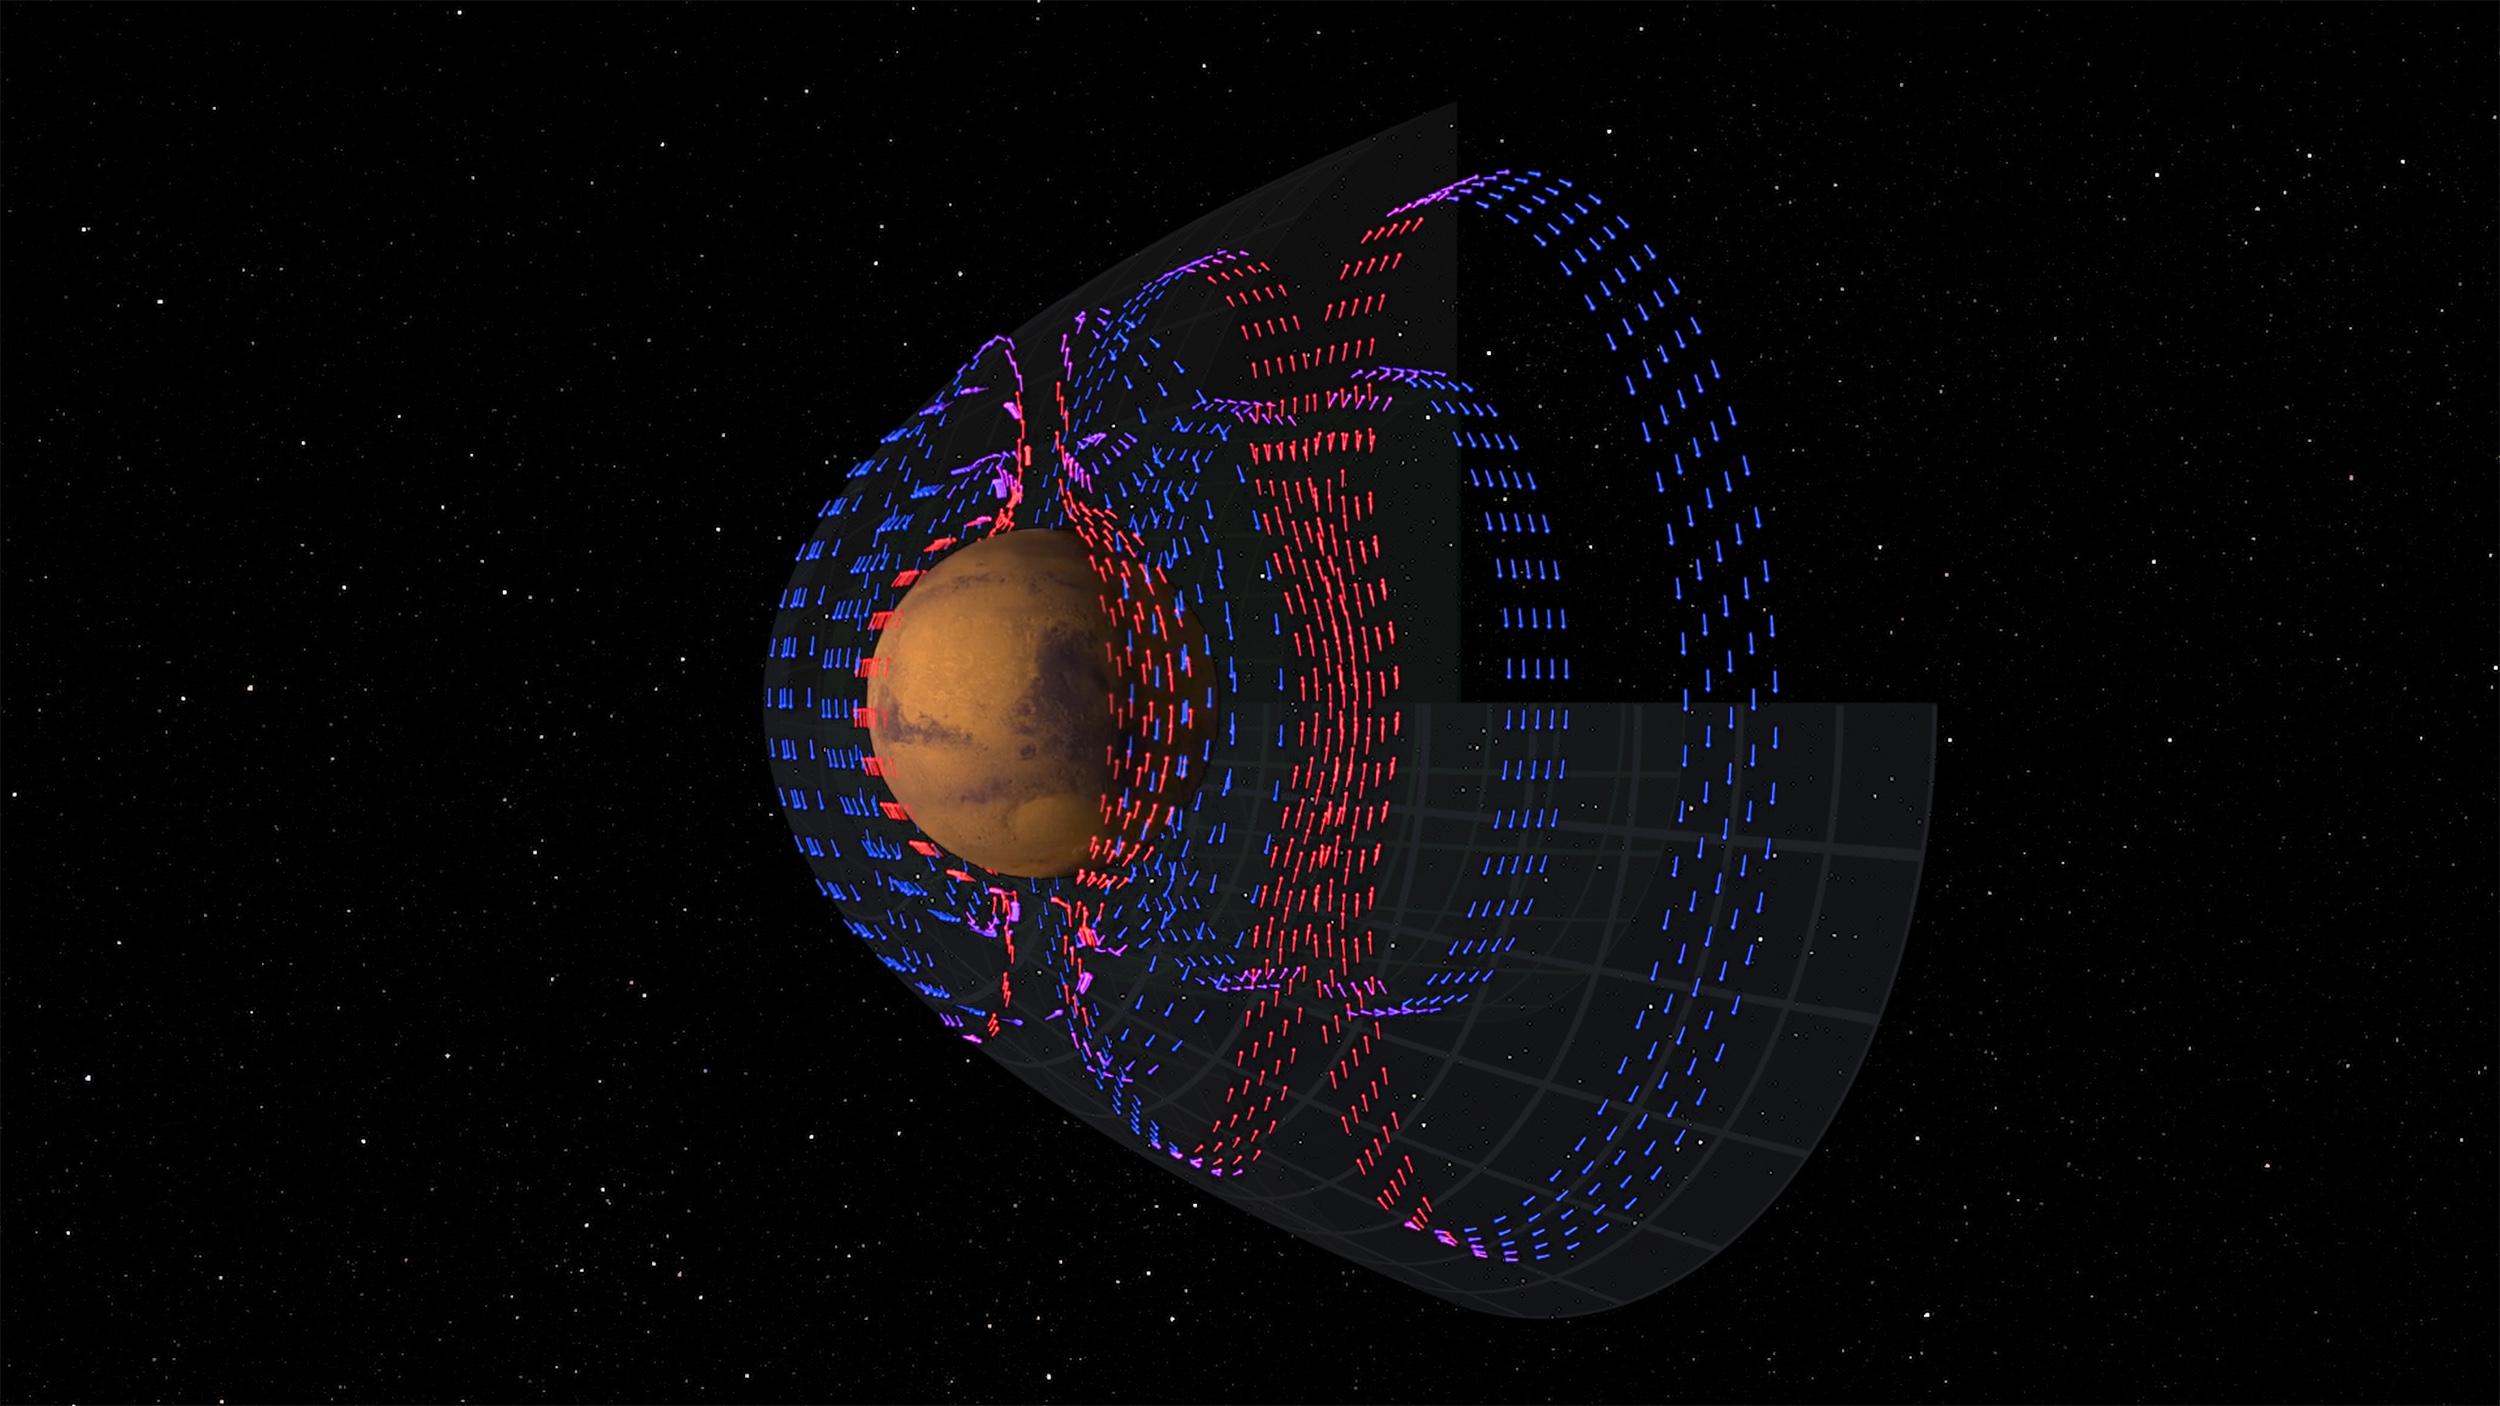 Elektriskt Mars: Bild: NASA/Goddard/MAVEN/CU Boulder/SVS/Cindy Starr